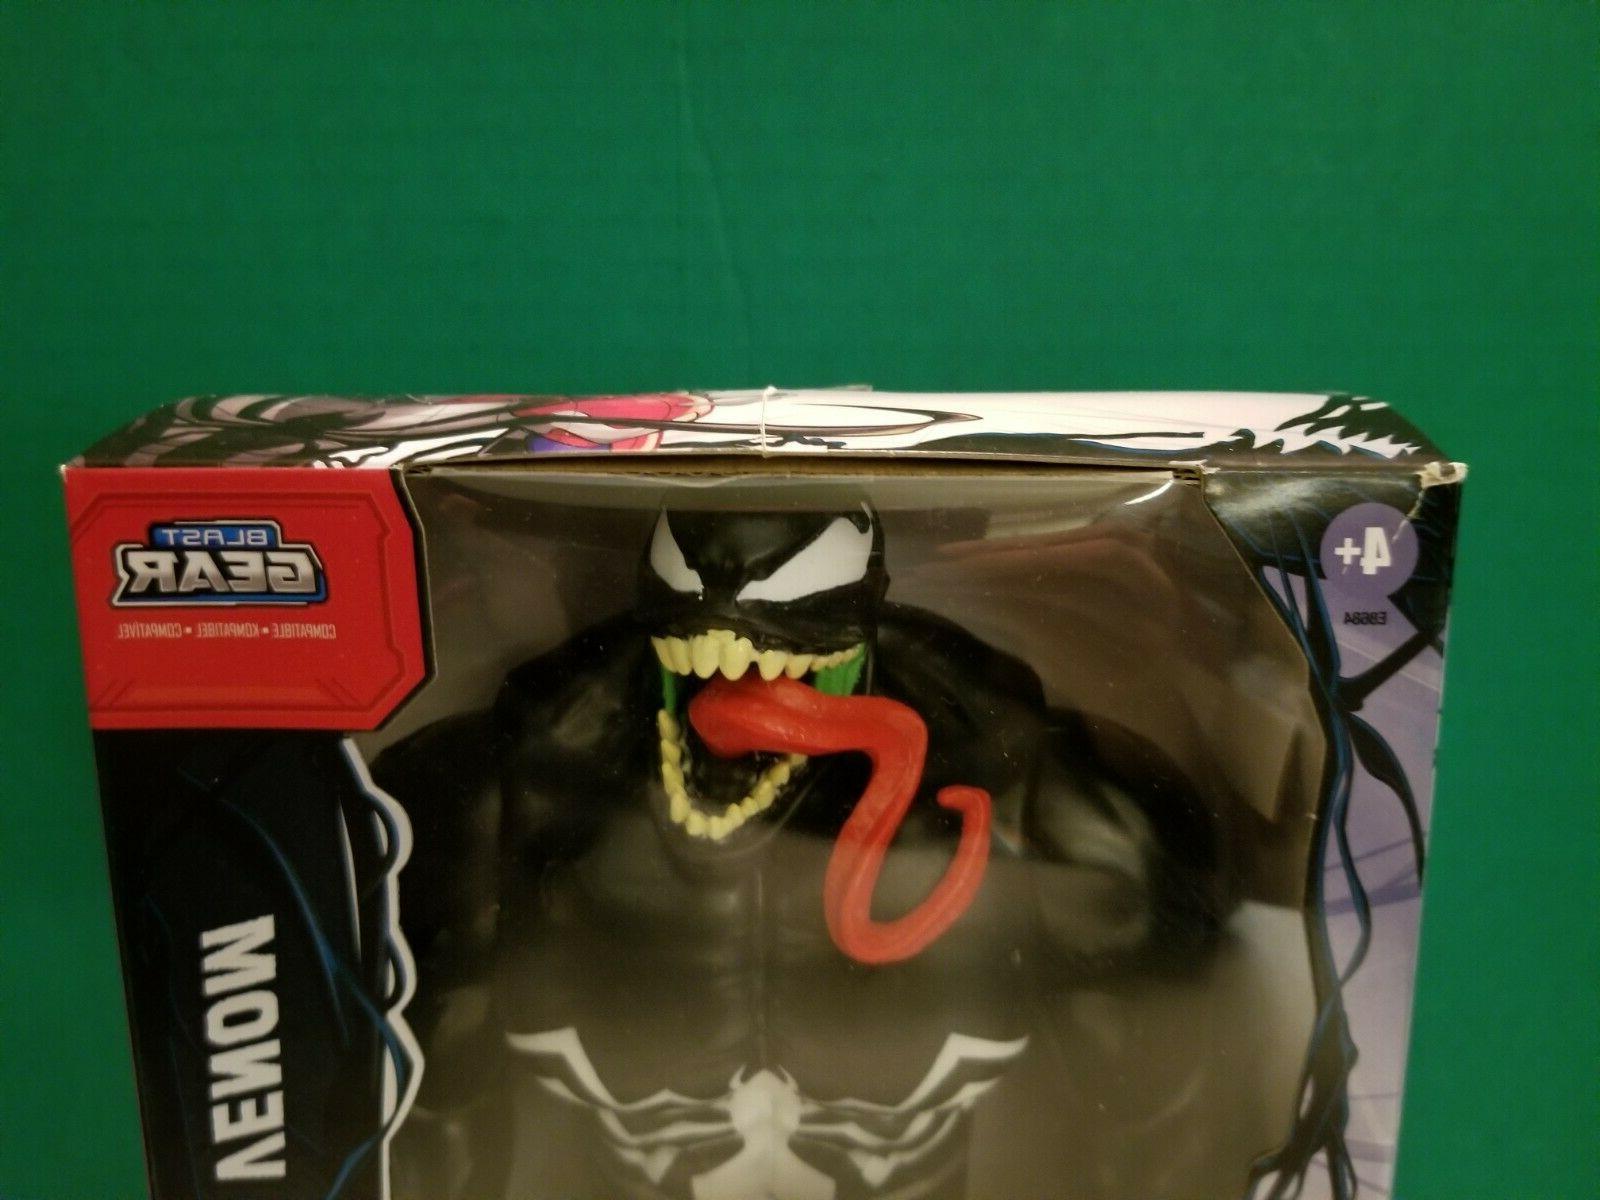 Marvel Titan Spider-Man Inch Action Hand